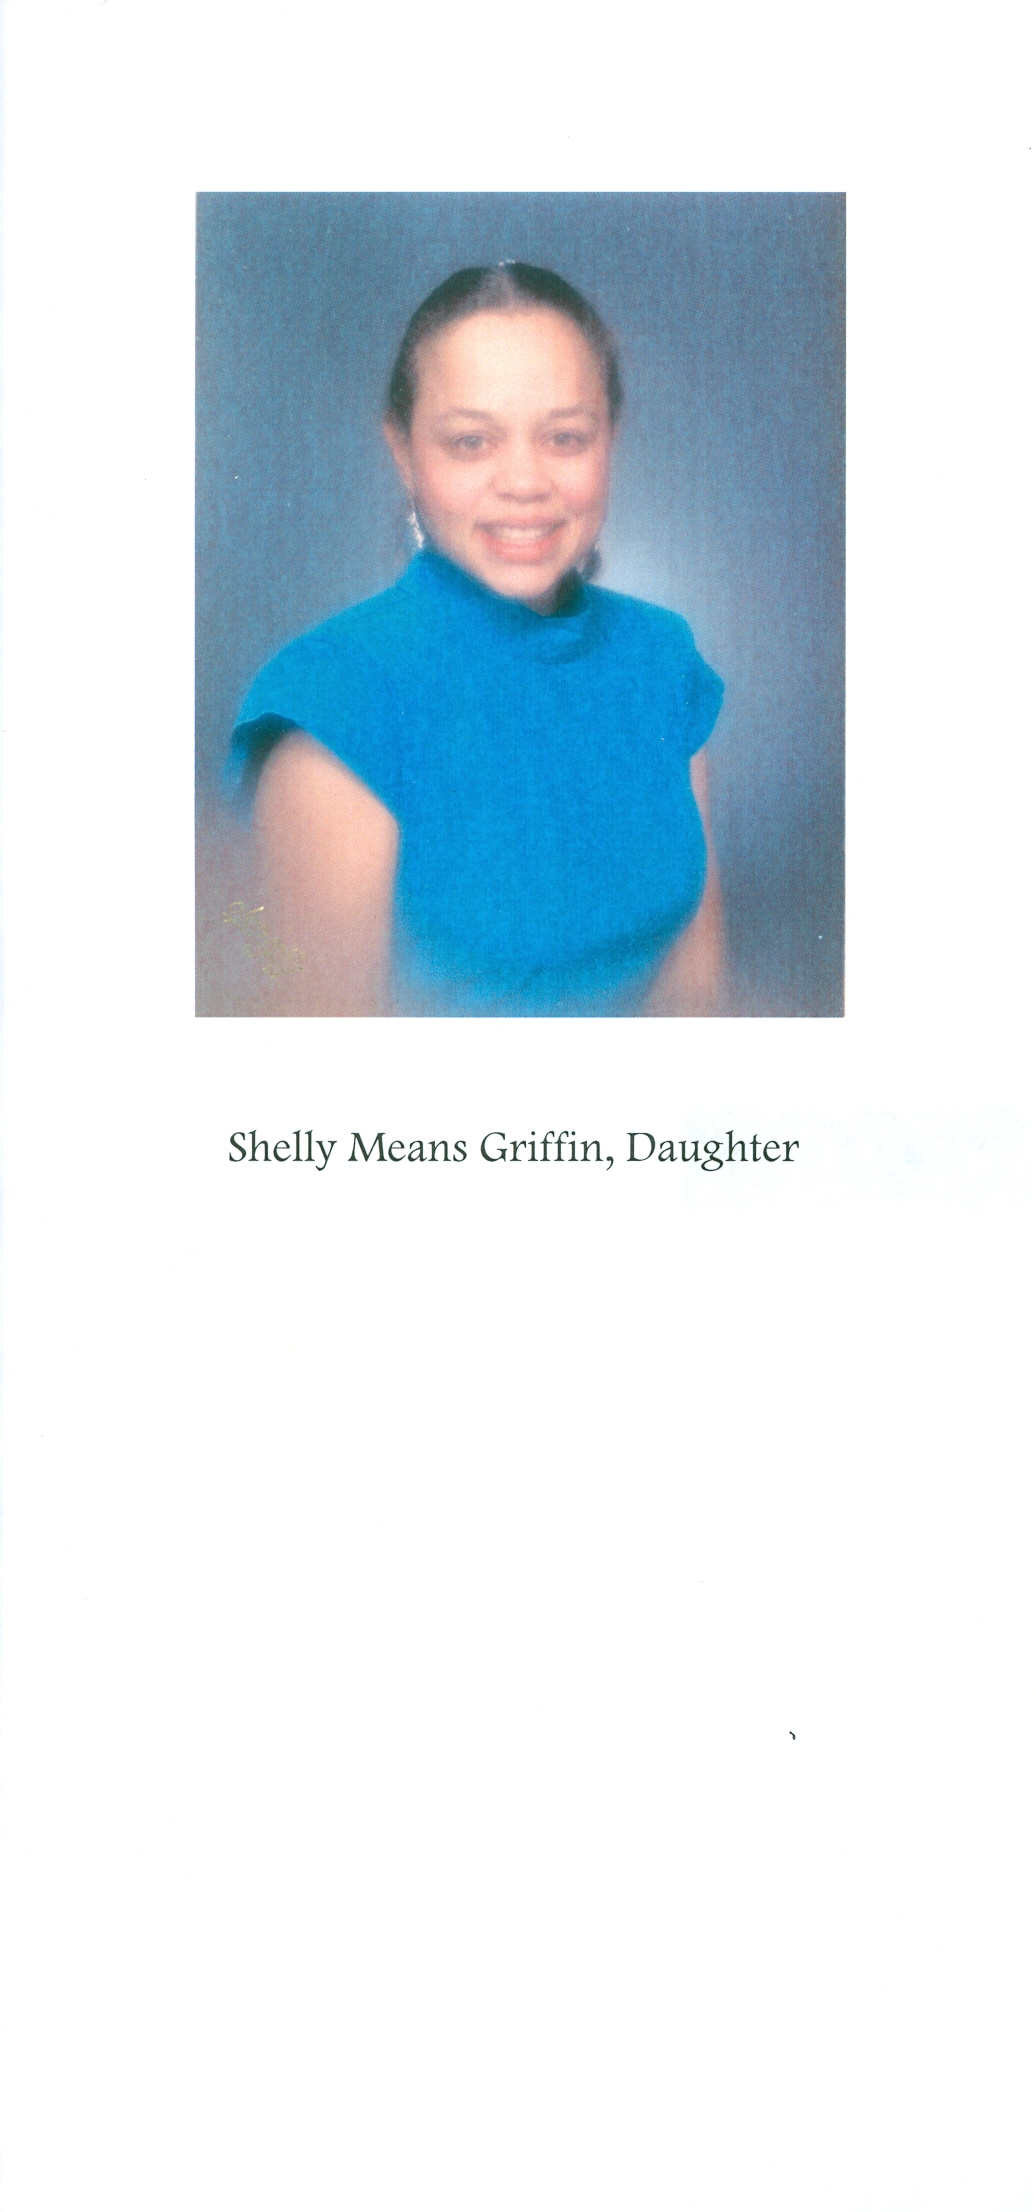 Shelly.jpg